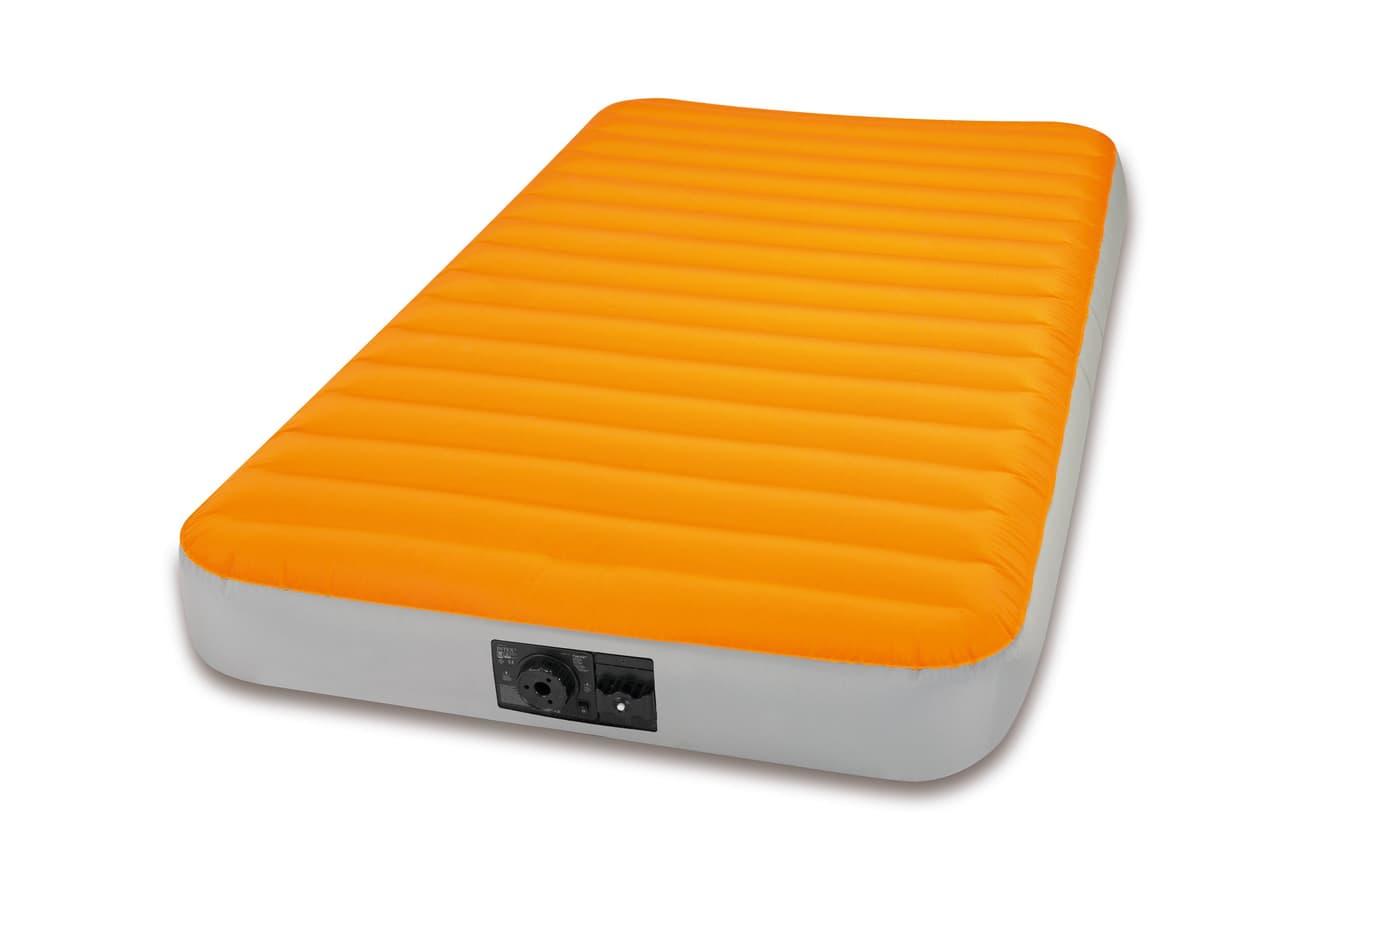 Intex twin super tough airbed letto per ospiti migros for Letto per ospiti